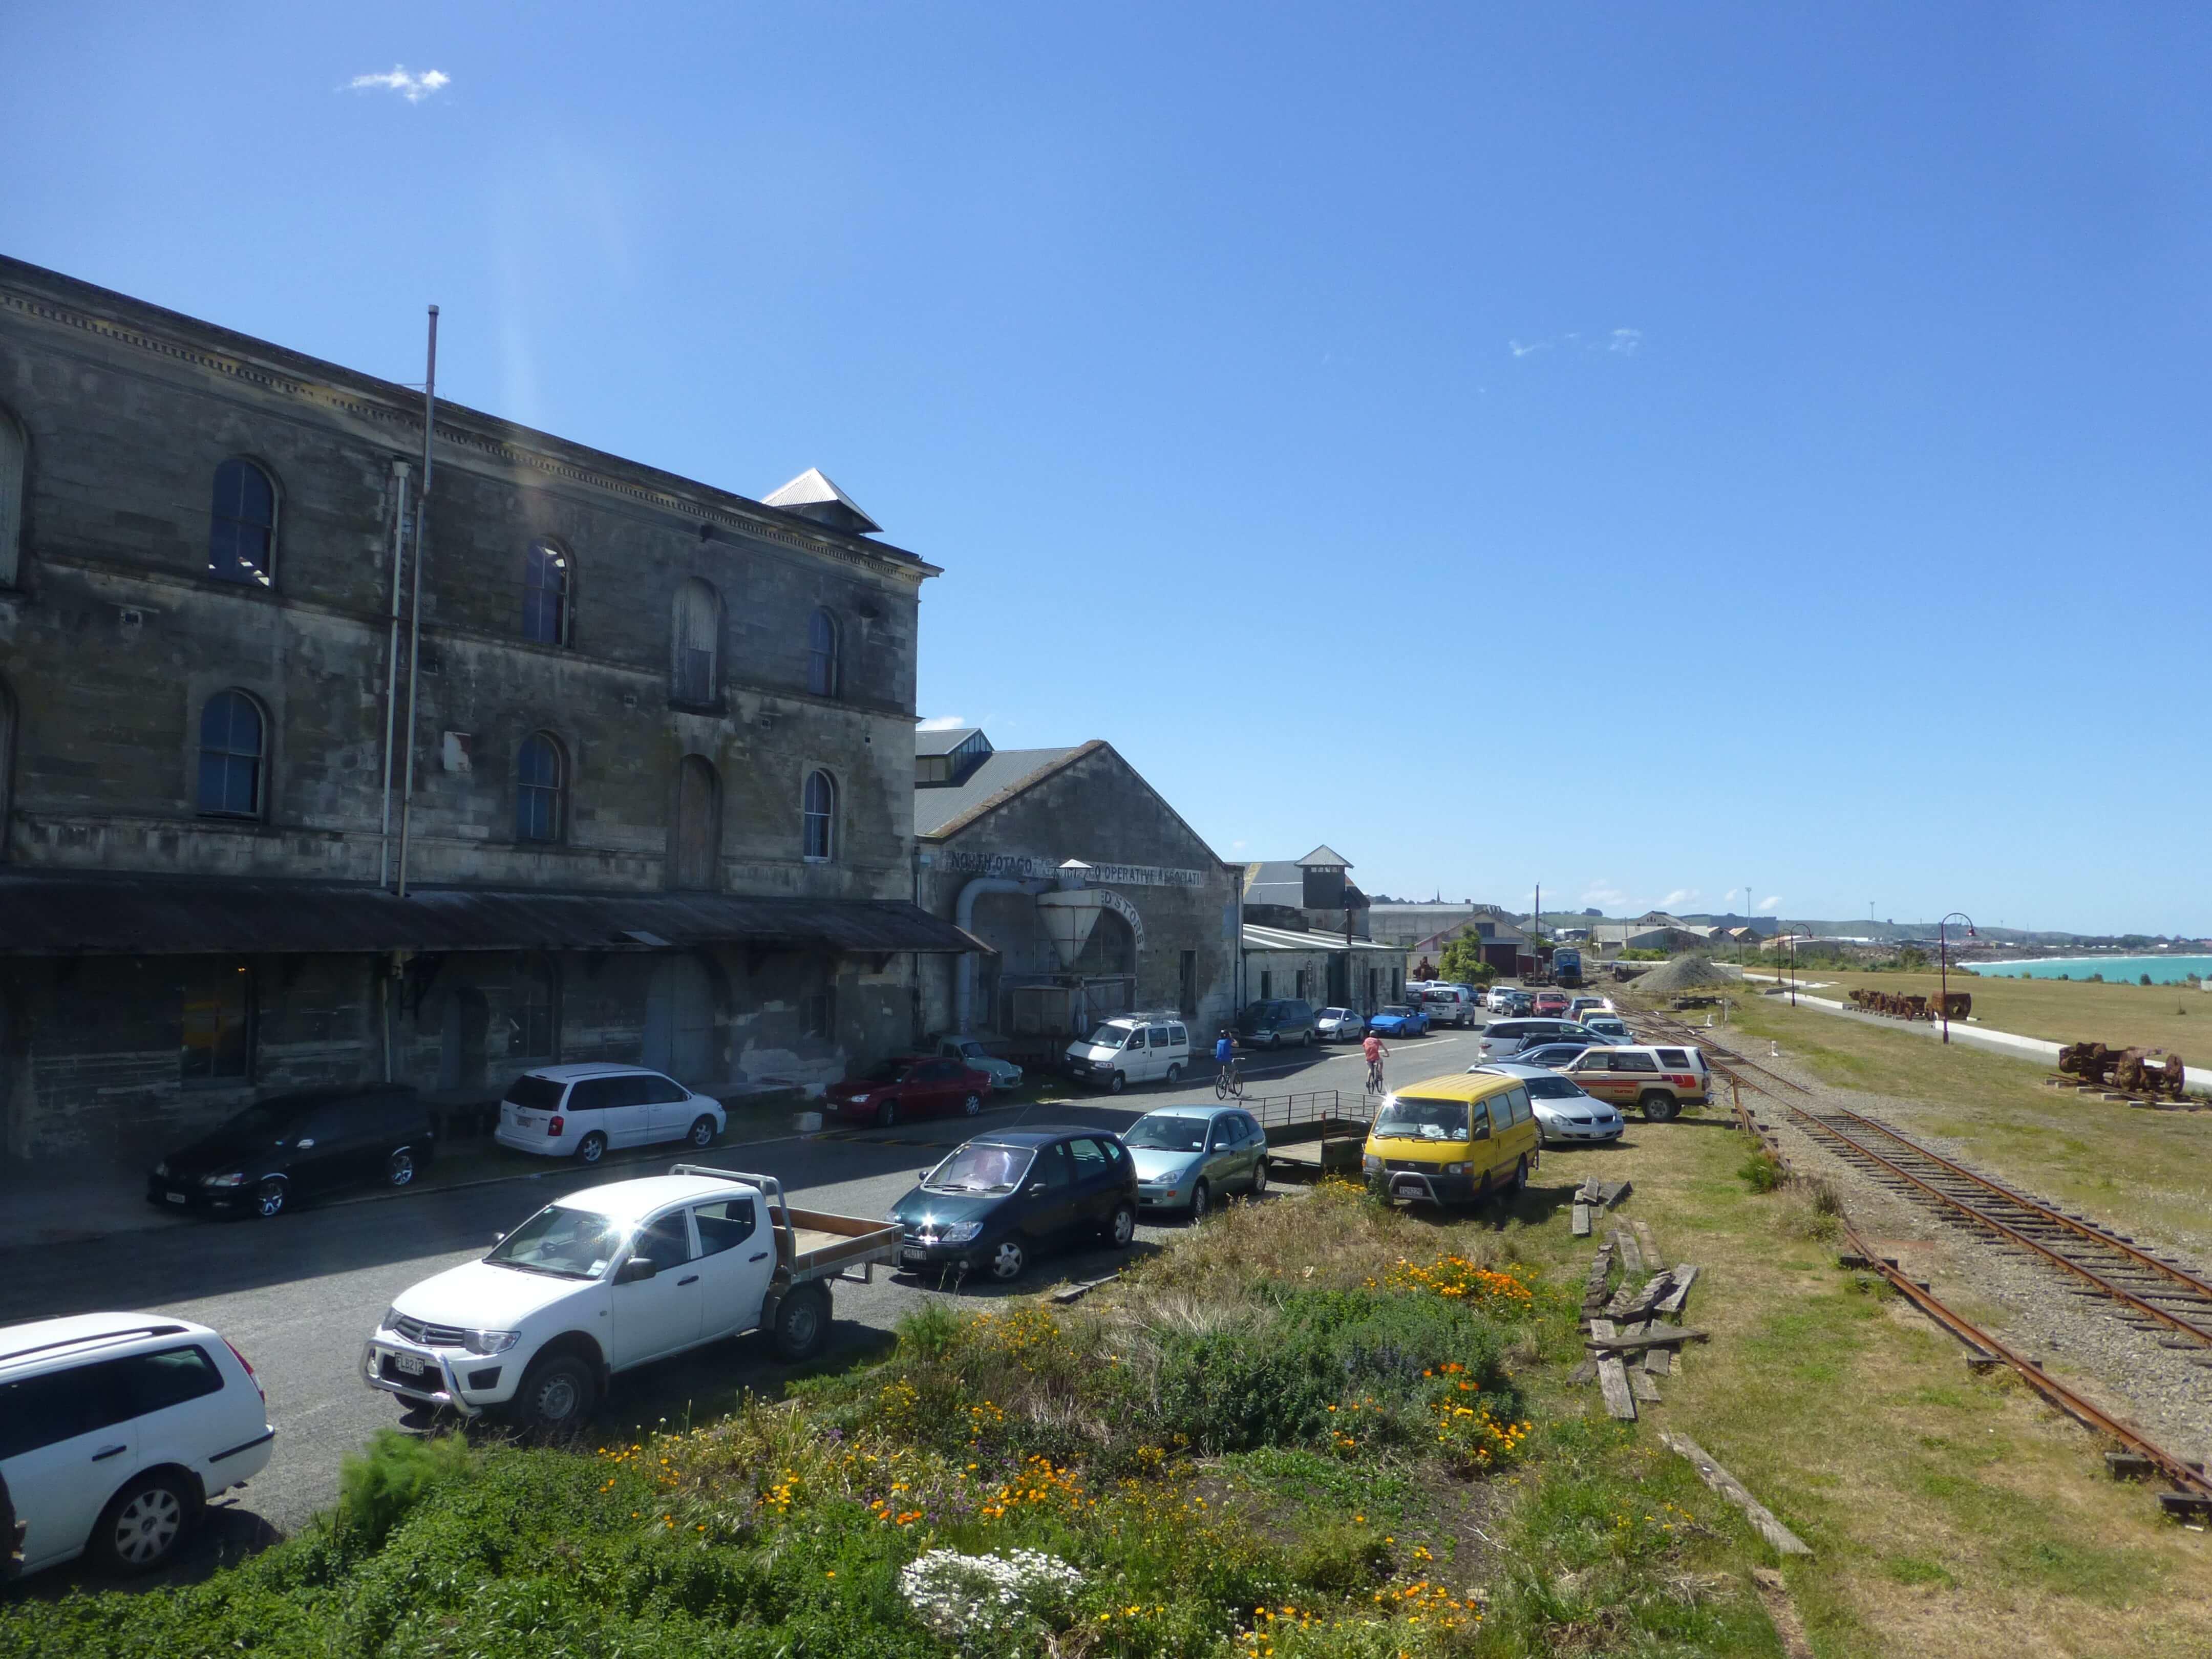 Im Hafen von Oamaru, Neuseeland 14